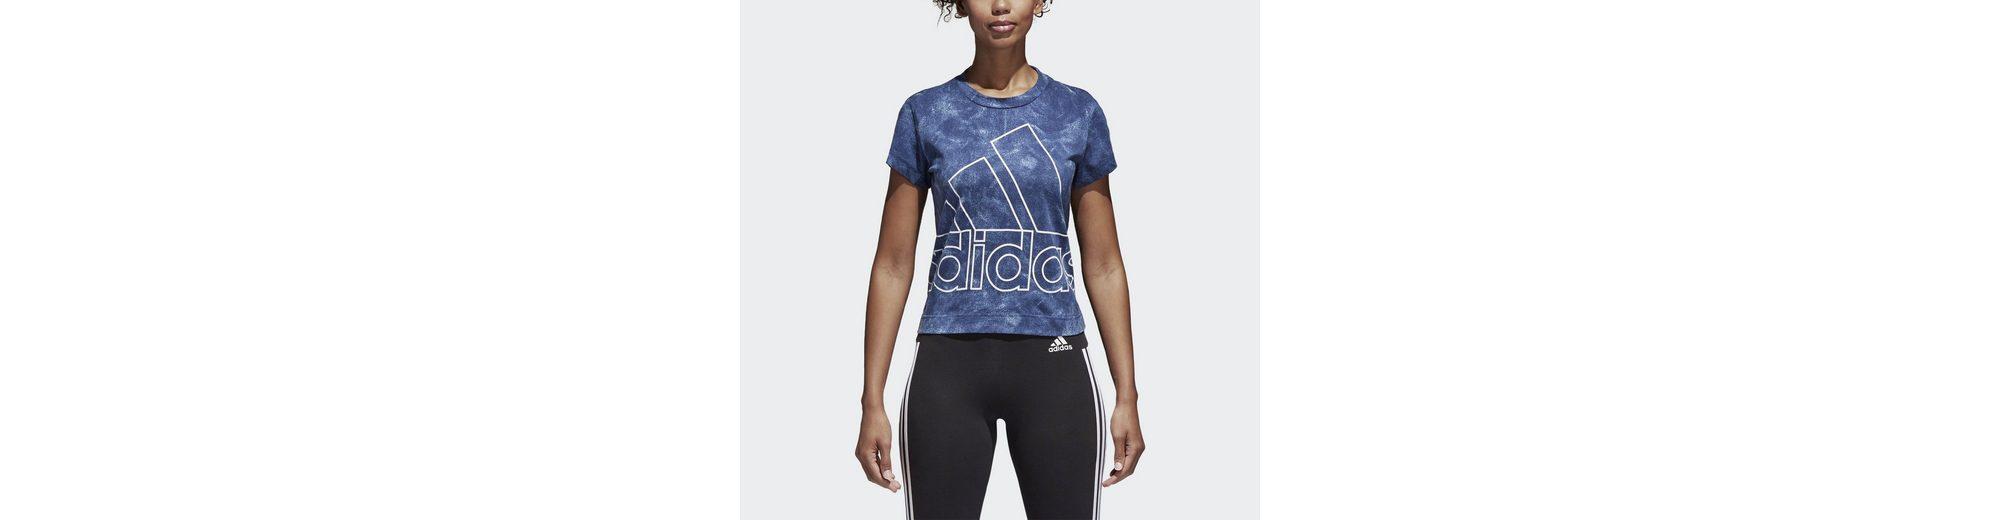 adidas Performance Sporttop ID Logo Grau-Outlet-Store Online Rabatt Zum Verkauf Unisex Größte Anbieter NT1fNW